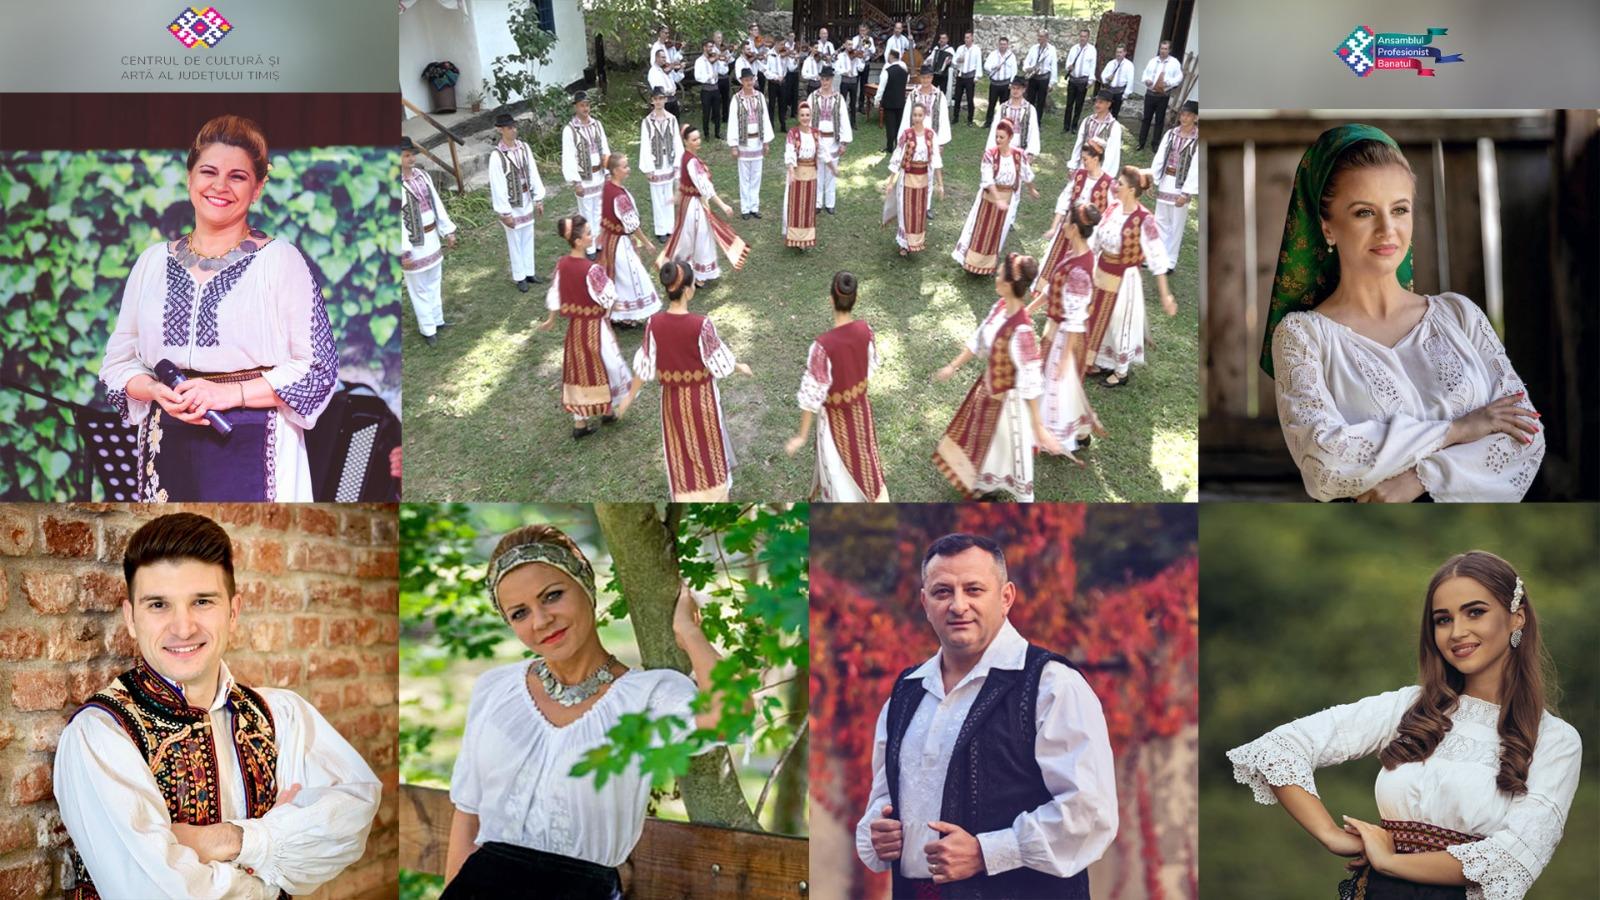 Festivalul de Folclor al Cetății de la DEVA